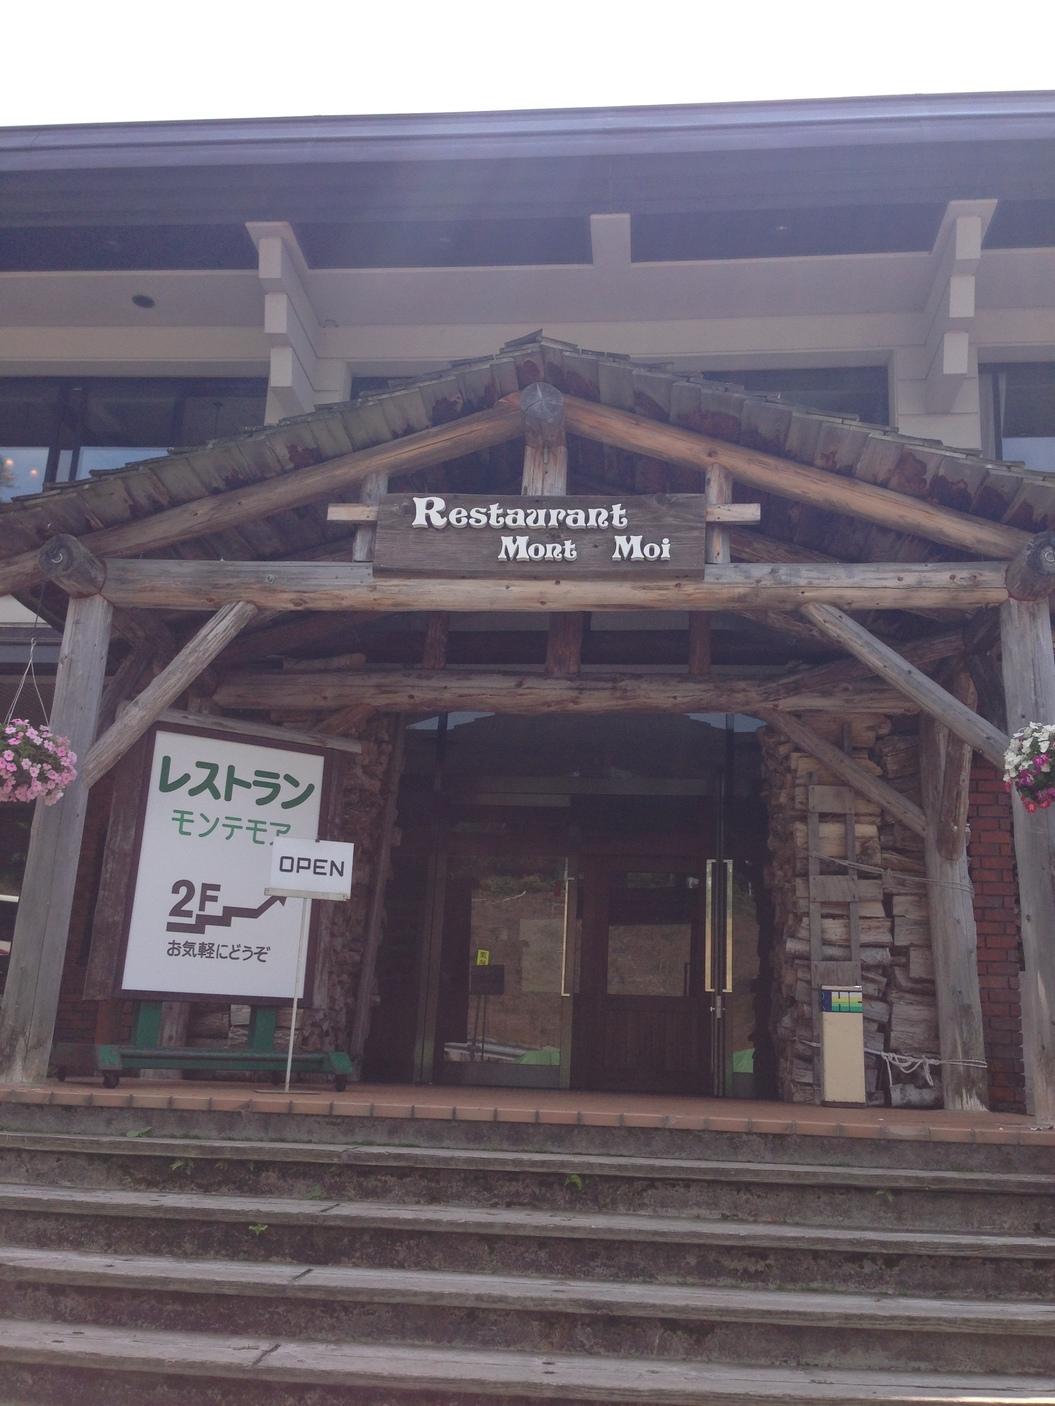 モンテモア name=